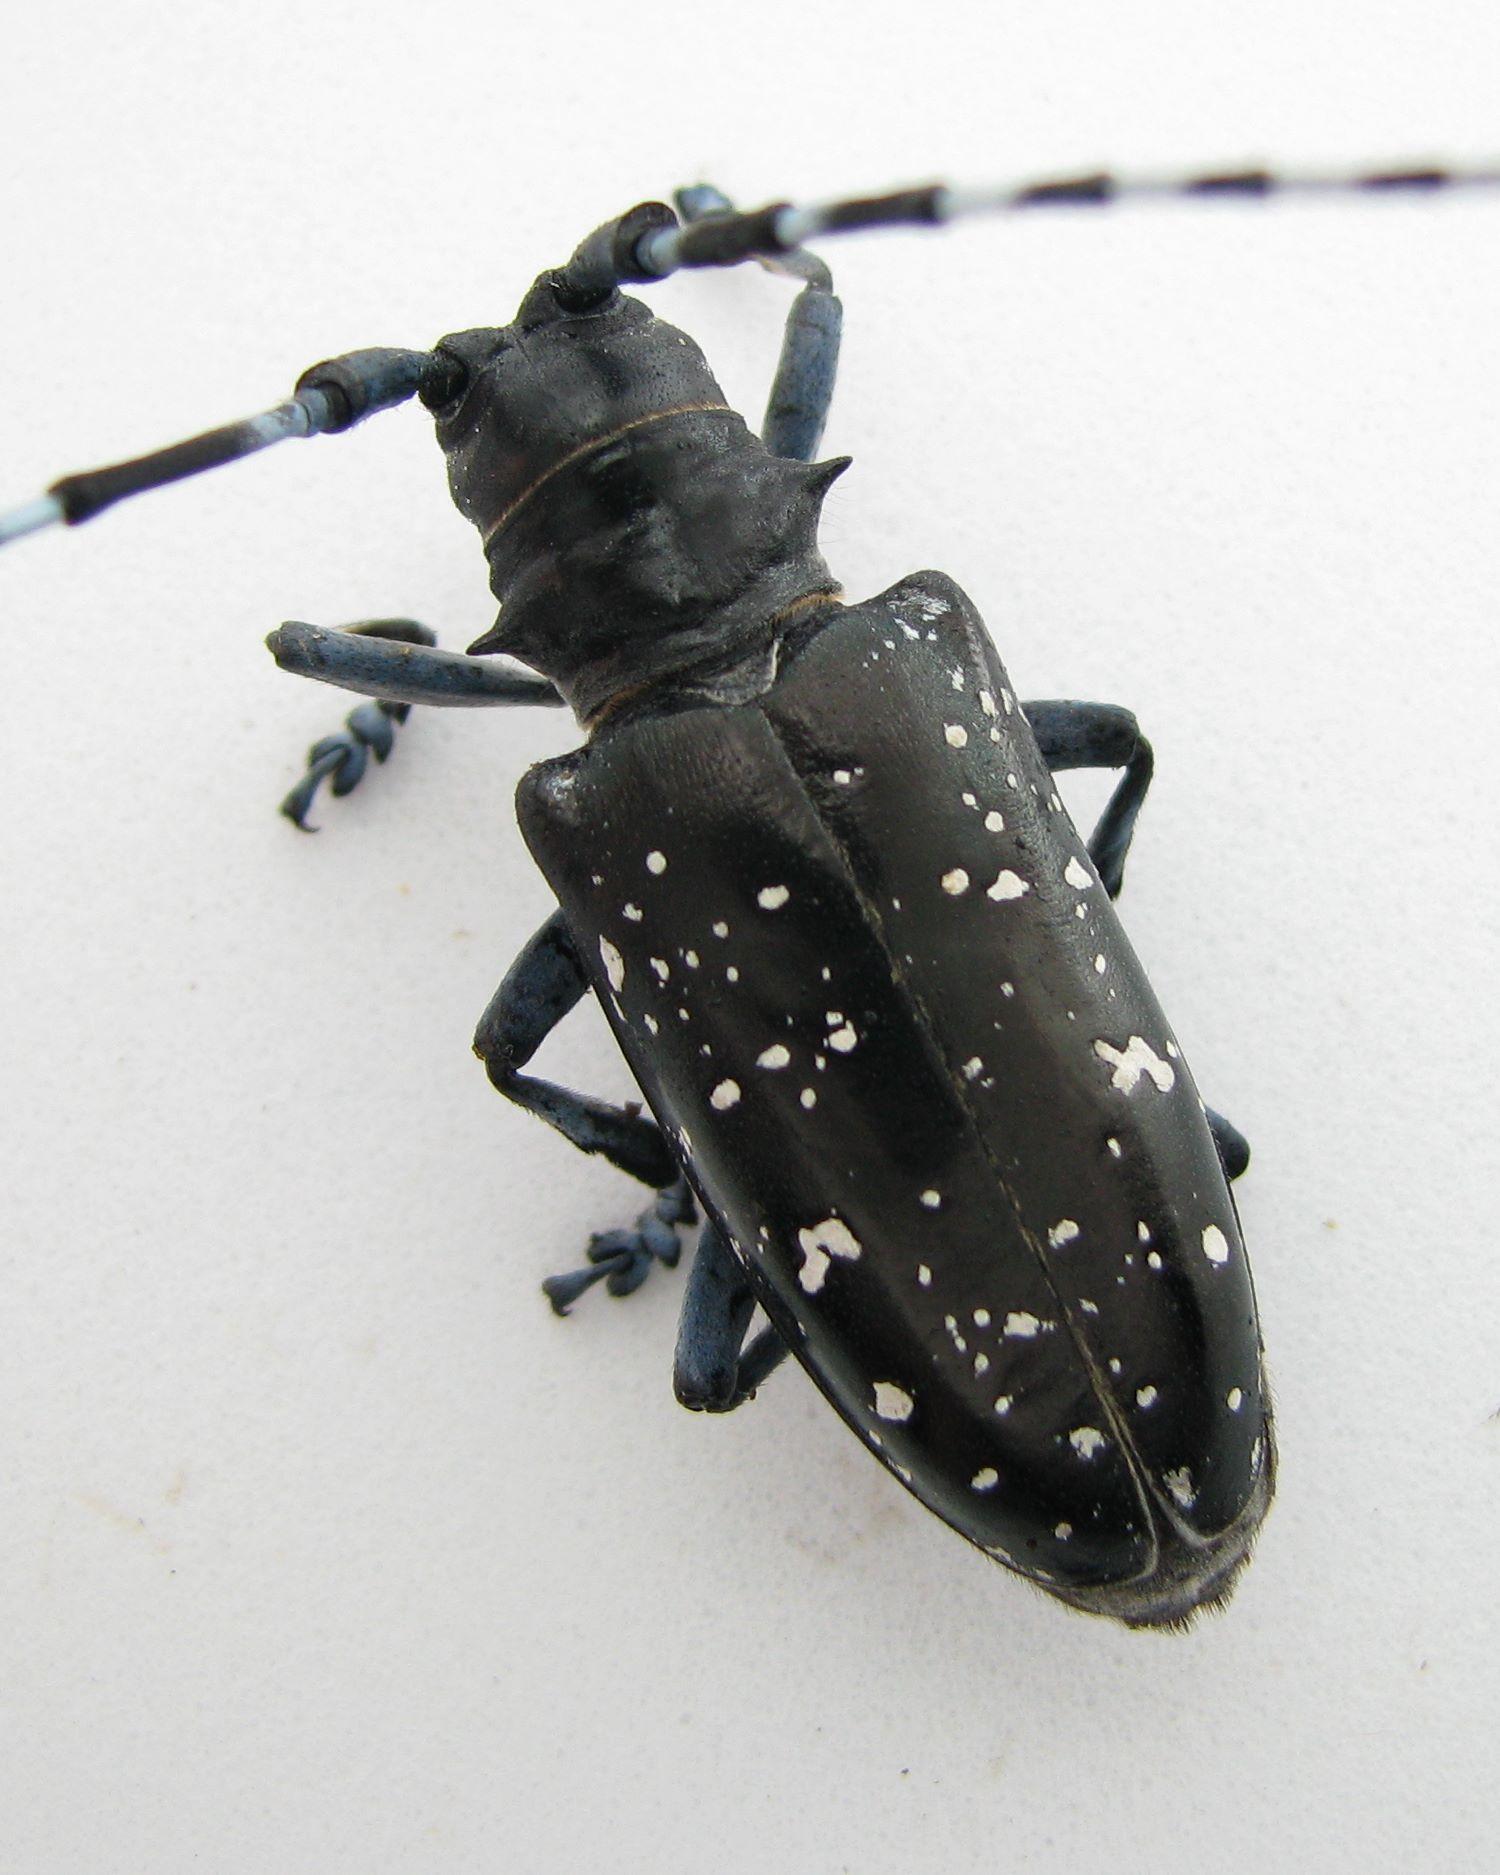 Asian longhorned beetle in massachusetts